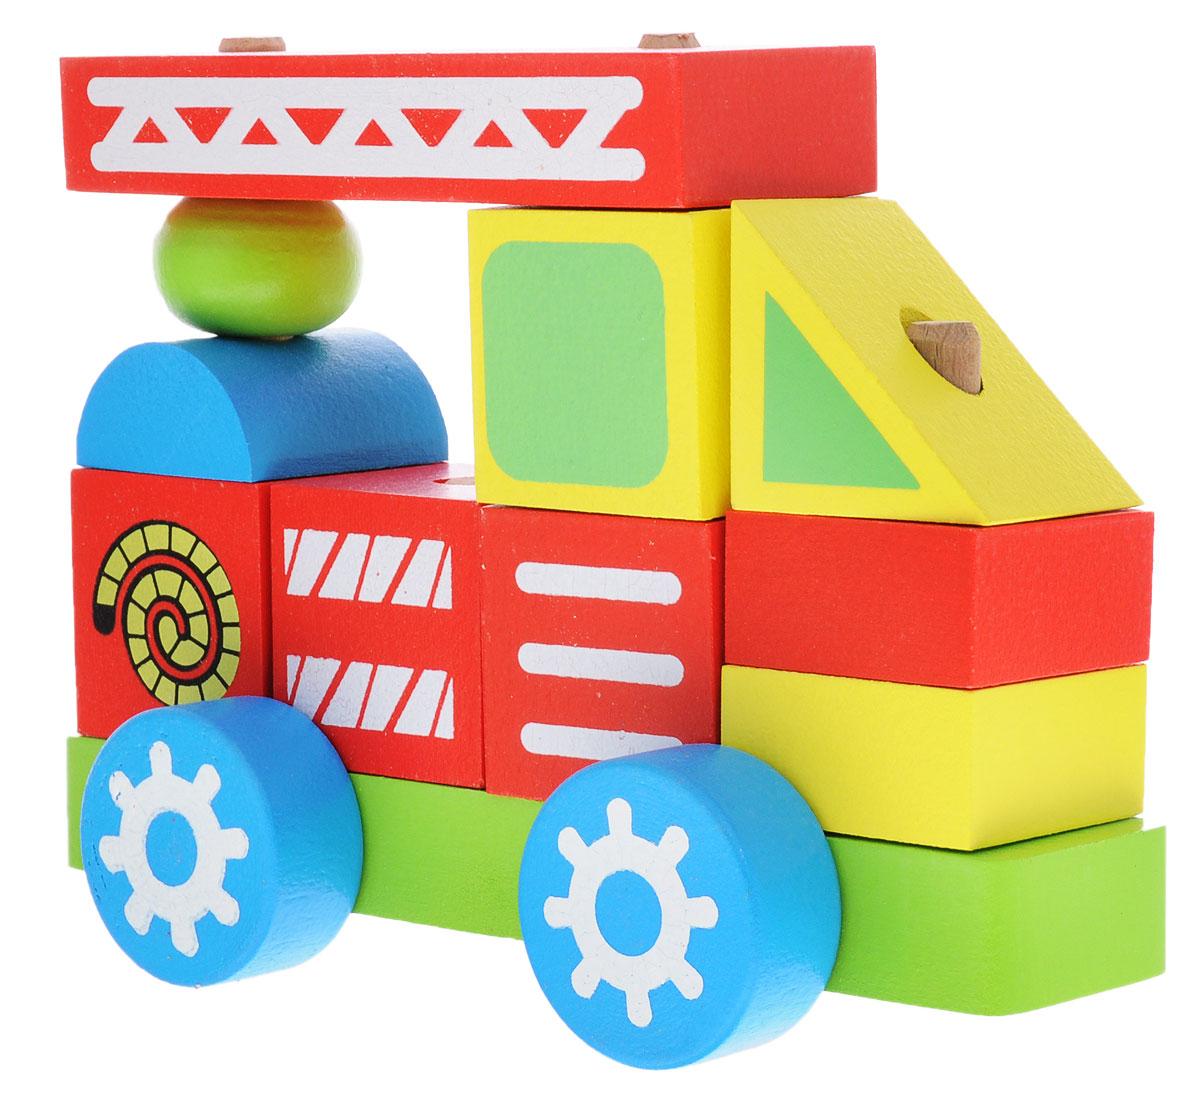 Alatoys Конструктор-каталка Пожарная машинаККМ01Конструктор-каталка Alatoys Пожарная машина приятно порадует юных исследователей мира! Уникальный дизайн и яркие цвета не оставят равнодушными как мальчиков, так и девочек. Игрушка развивает мелкую моторику рук, навыки конструирования, пространственное мышление, аналитические и творческие способности, сенсорное и визуальное восприятие. При изготовлении были использованы экологически чистые краски и безопасная древесина. Деревянная игрушка долговечна и безопасна, она не может поранить или испортиться. Конструктор-каталка Alatoys Пожарная машина - это та игрушка, которая никогда не устареет!